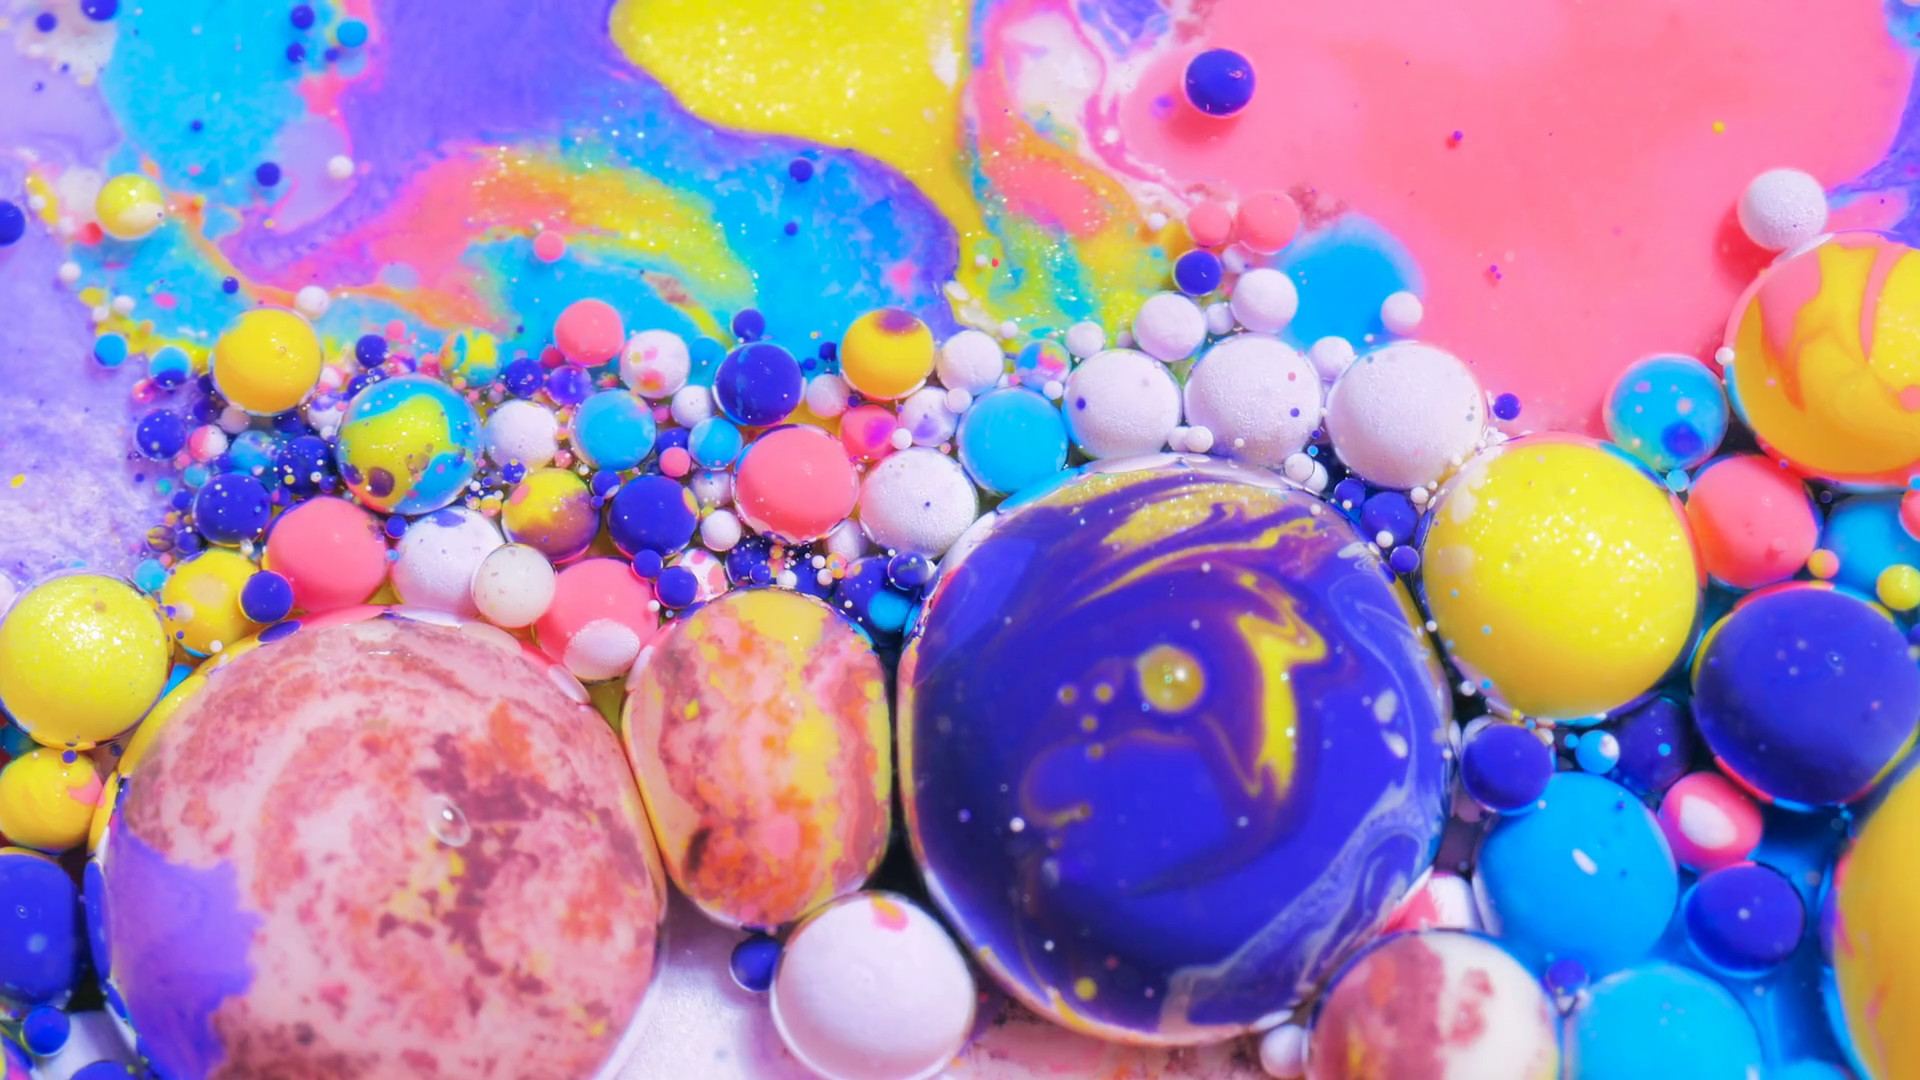 Colorful Bubbles Texture Bubble Bursting 4k Vibrant - Colorful Moving Bubbles Background - HD Wallpaper